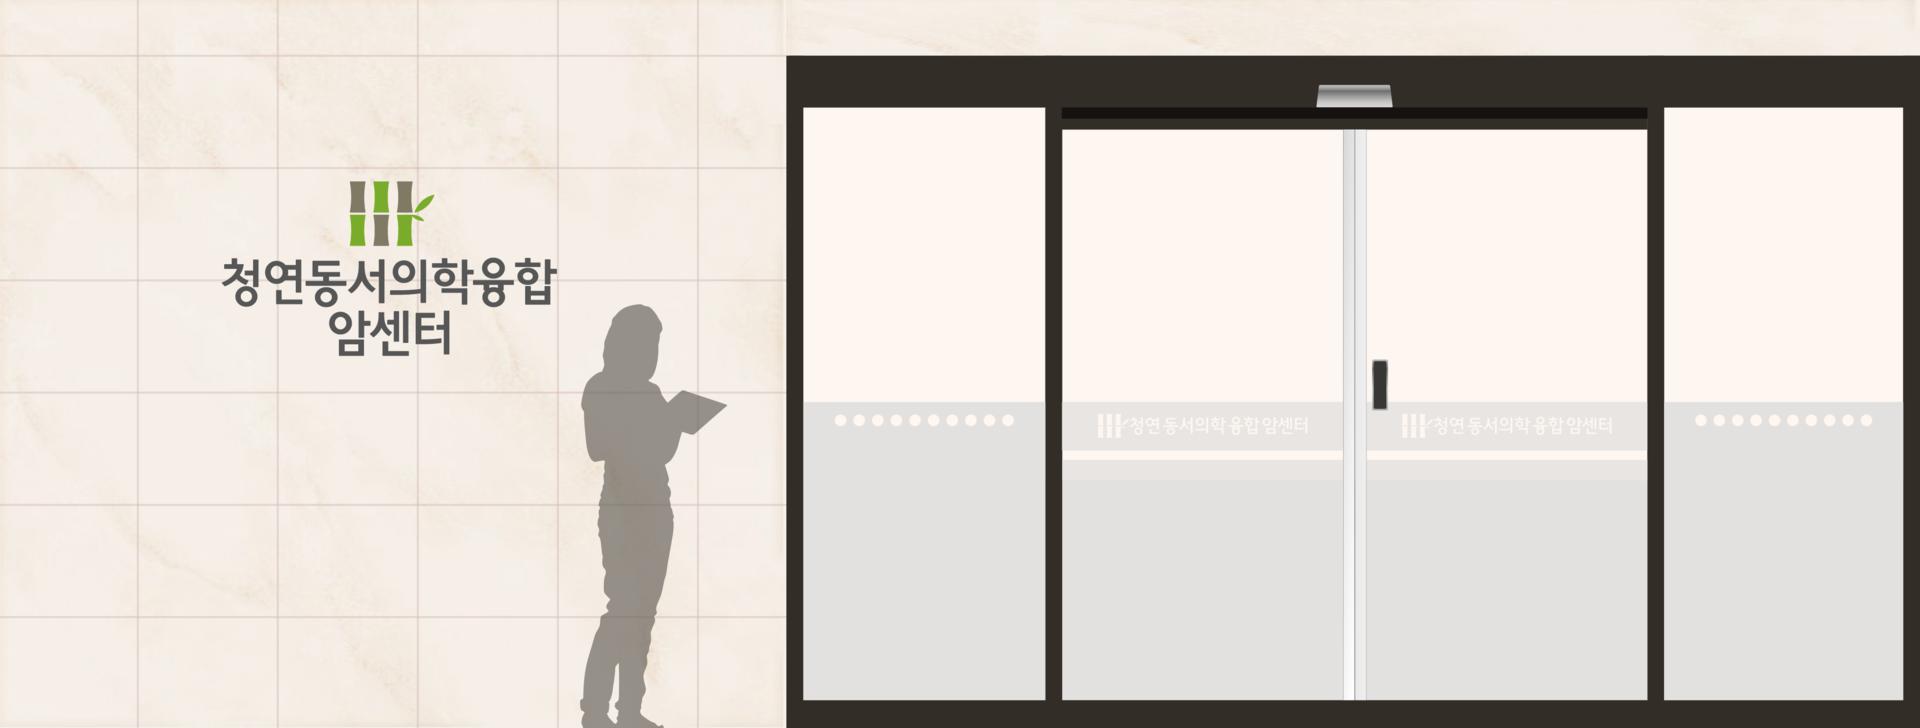 한의원 병원 사인물디자인 한방병원 사이니지디자인 병원디자인 광주한방병원 청연암센터 면역암센터 브랜딩 병원브랜딩 메디컬브랜딩 사이니지디자인 브랜드디자인 BI Branding 사인물 간판